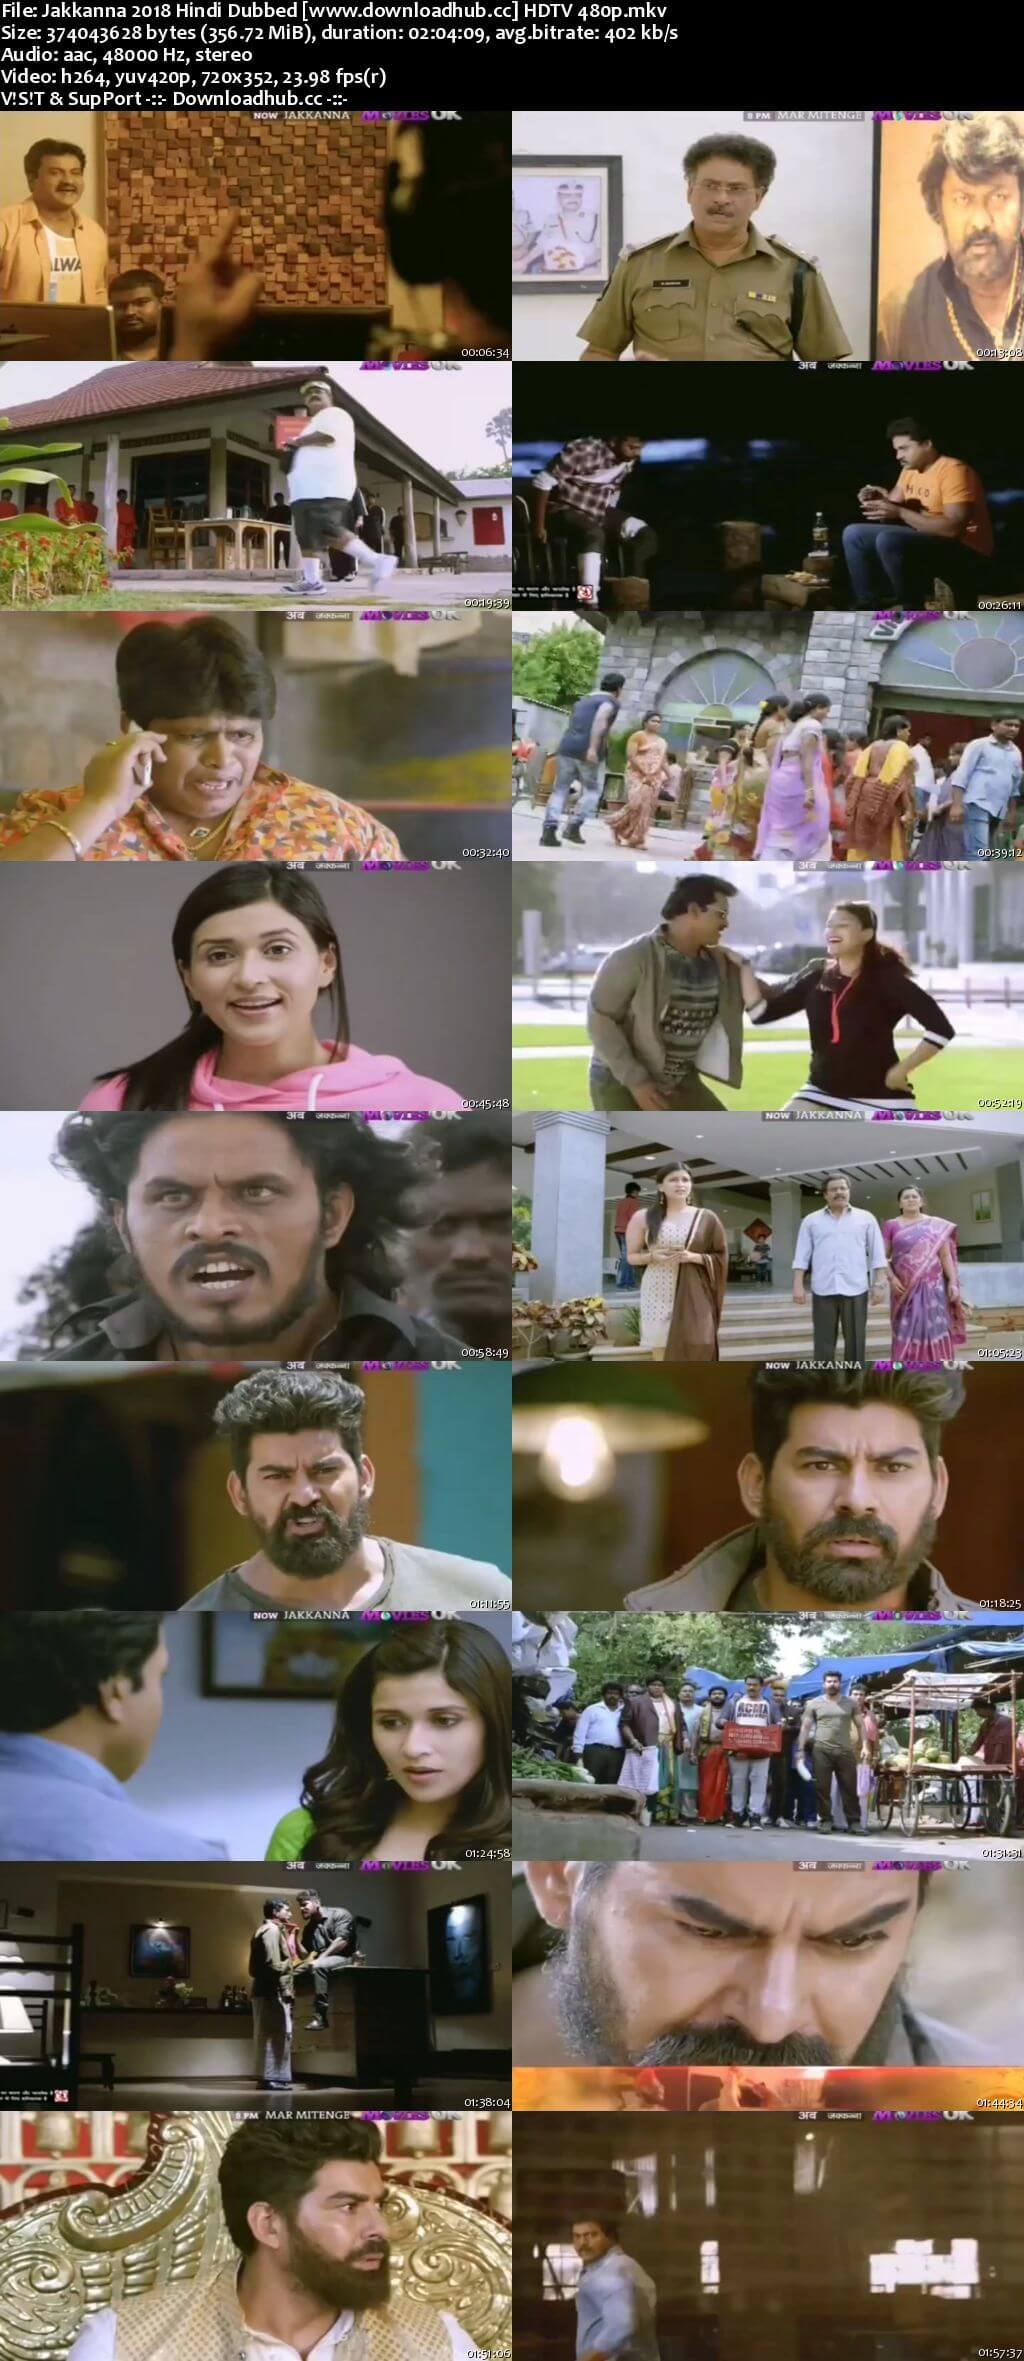 Jakkanna 2018 Hindi Dubbed 350MB HDTV 480p